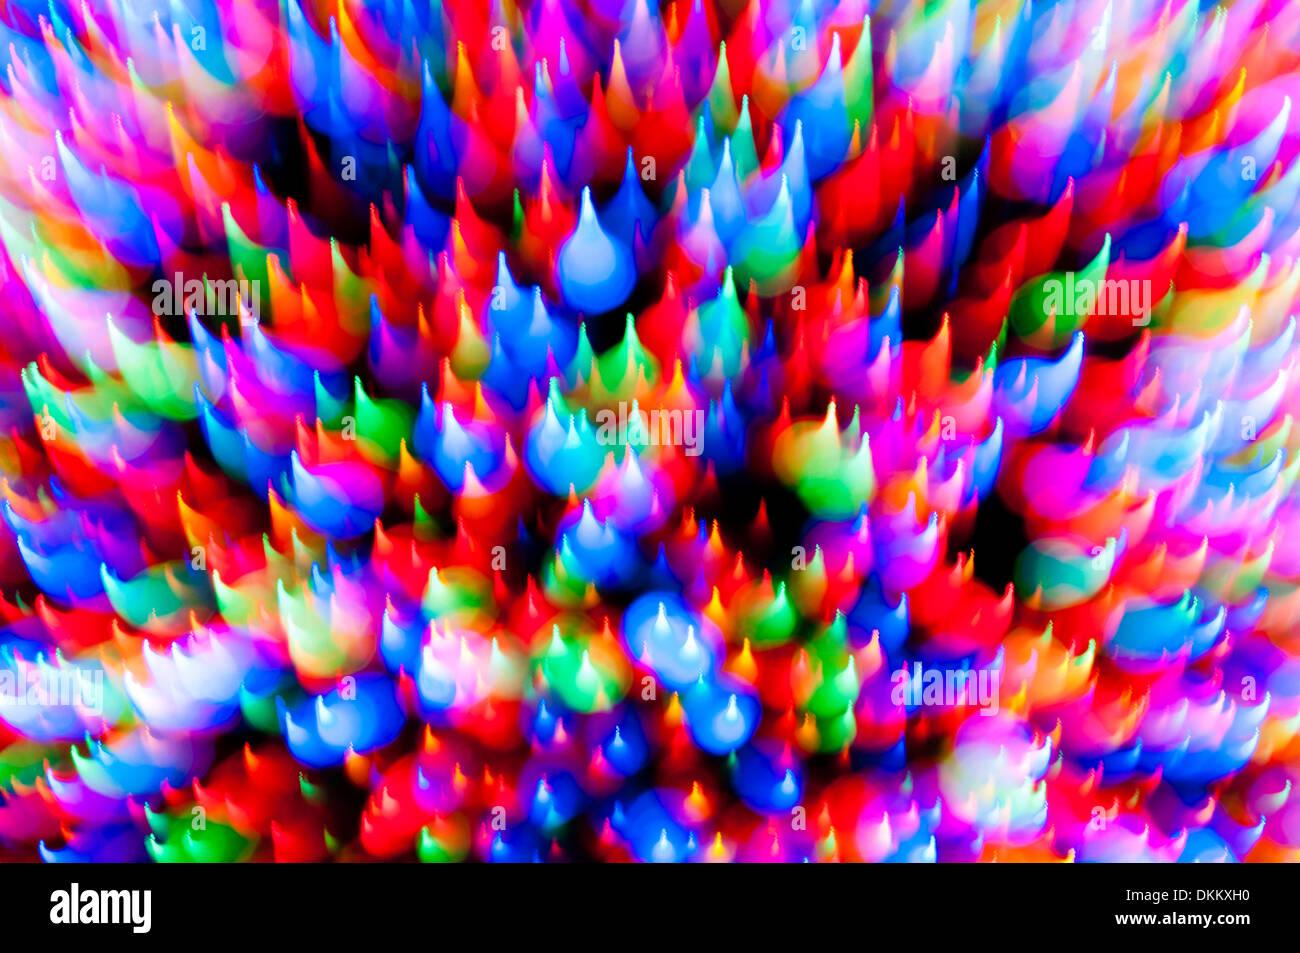 Les lumières d'arbre de Noël motion-blur abstract Photo Stock